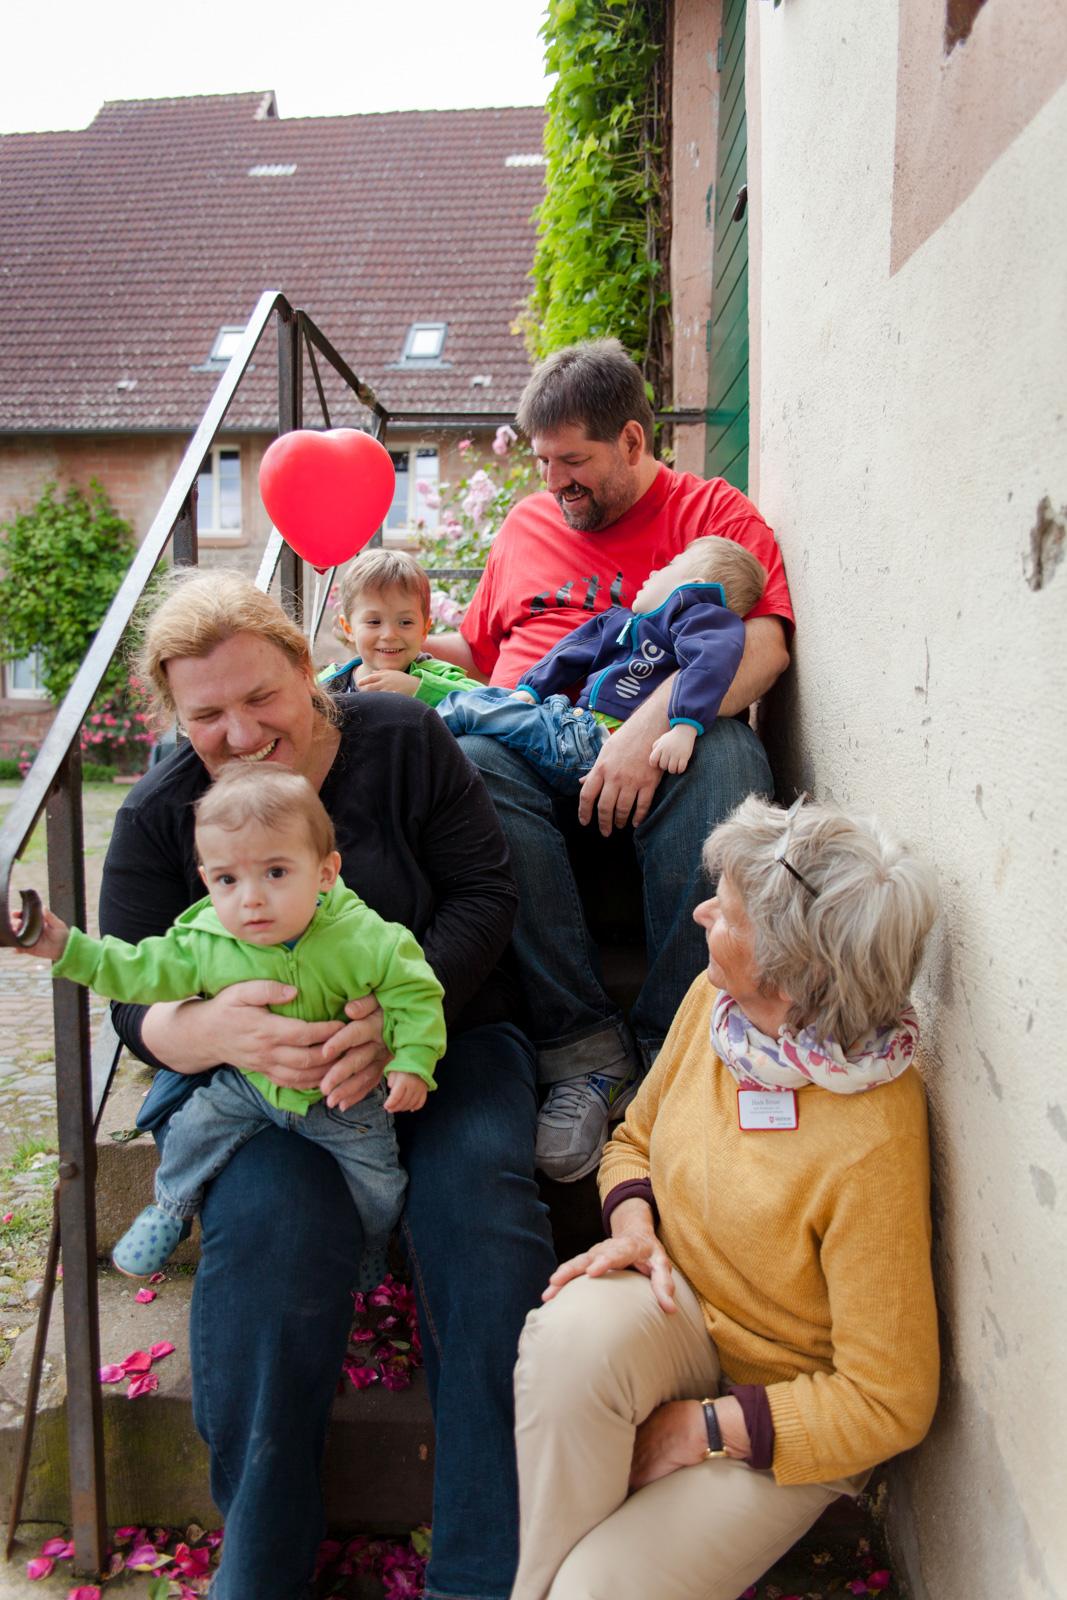 Eine Familie mit ihren Kindern sitzt auf einer Treppe